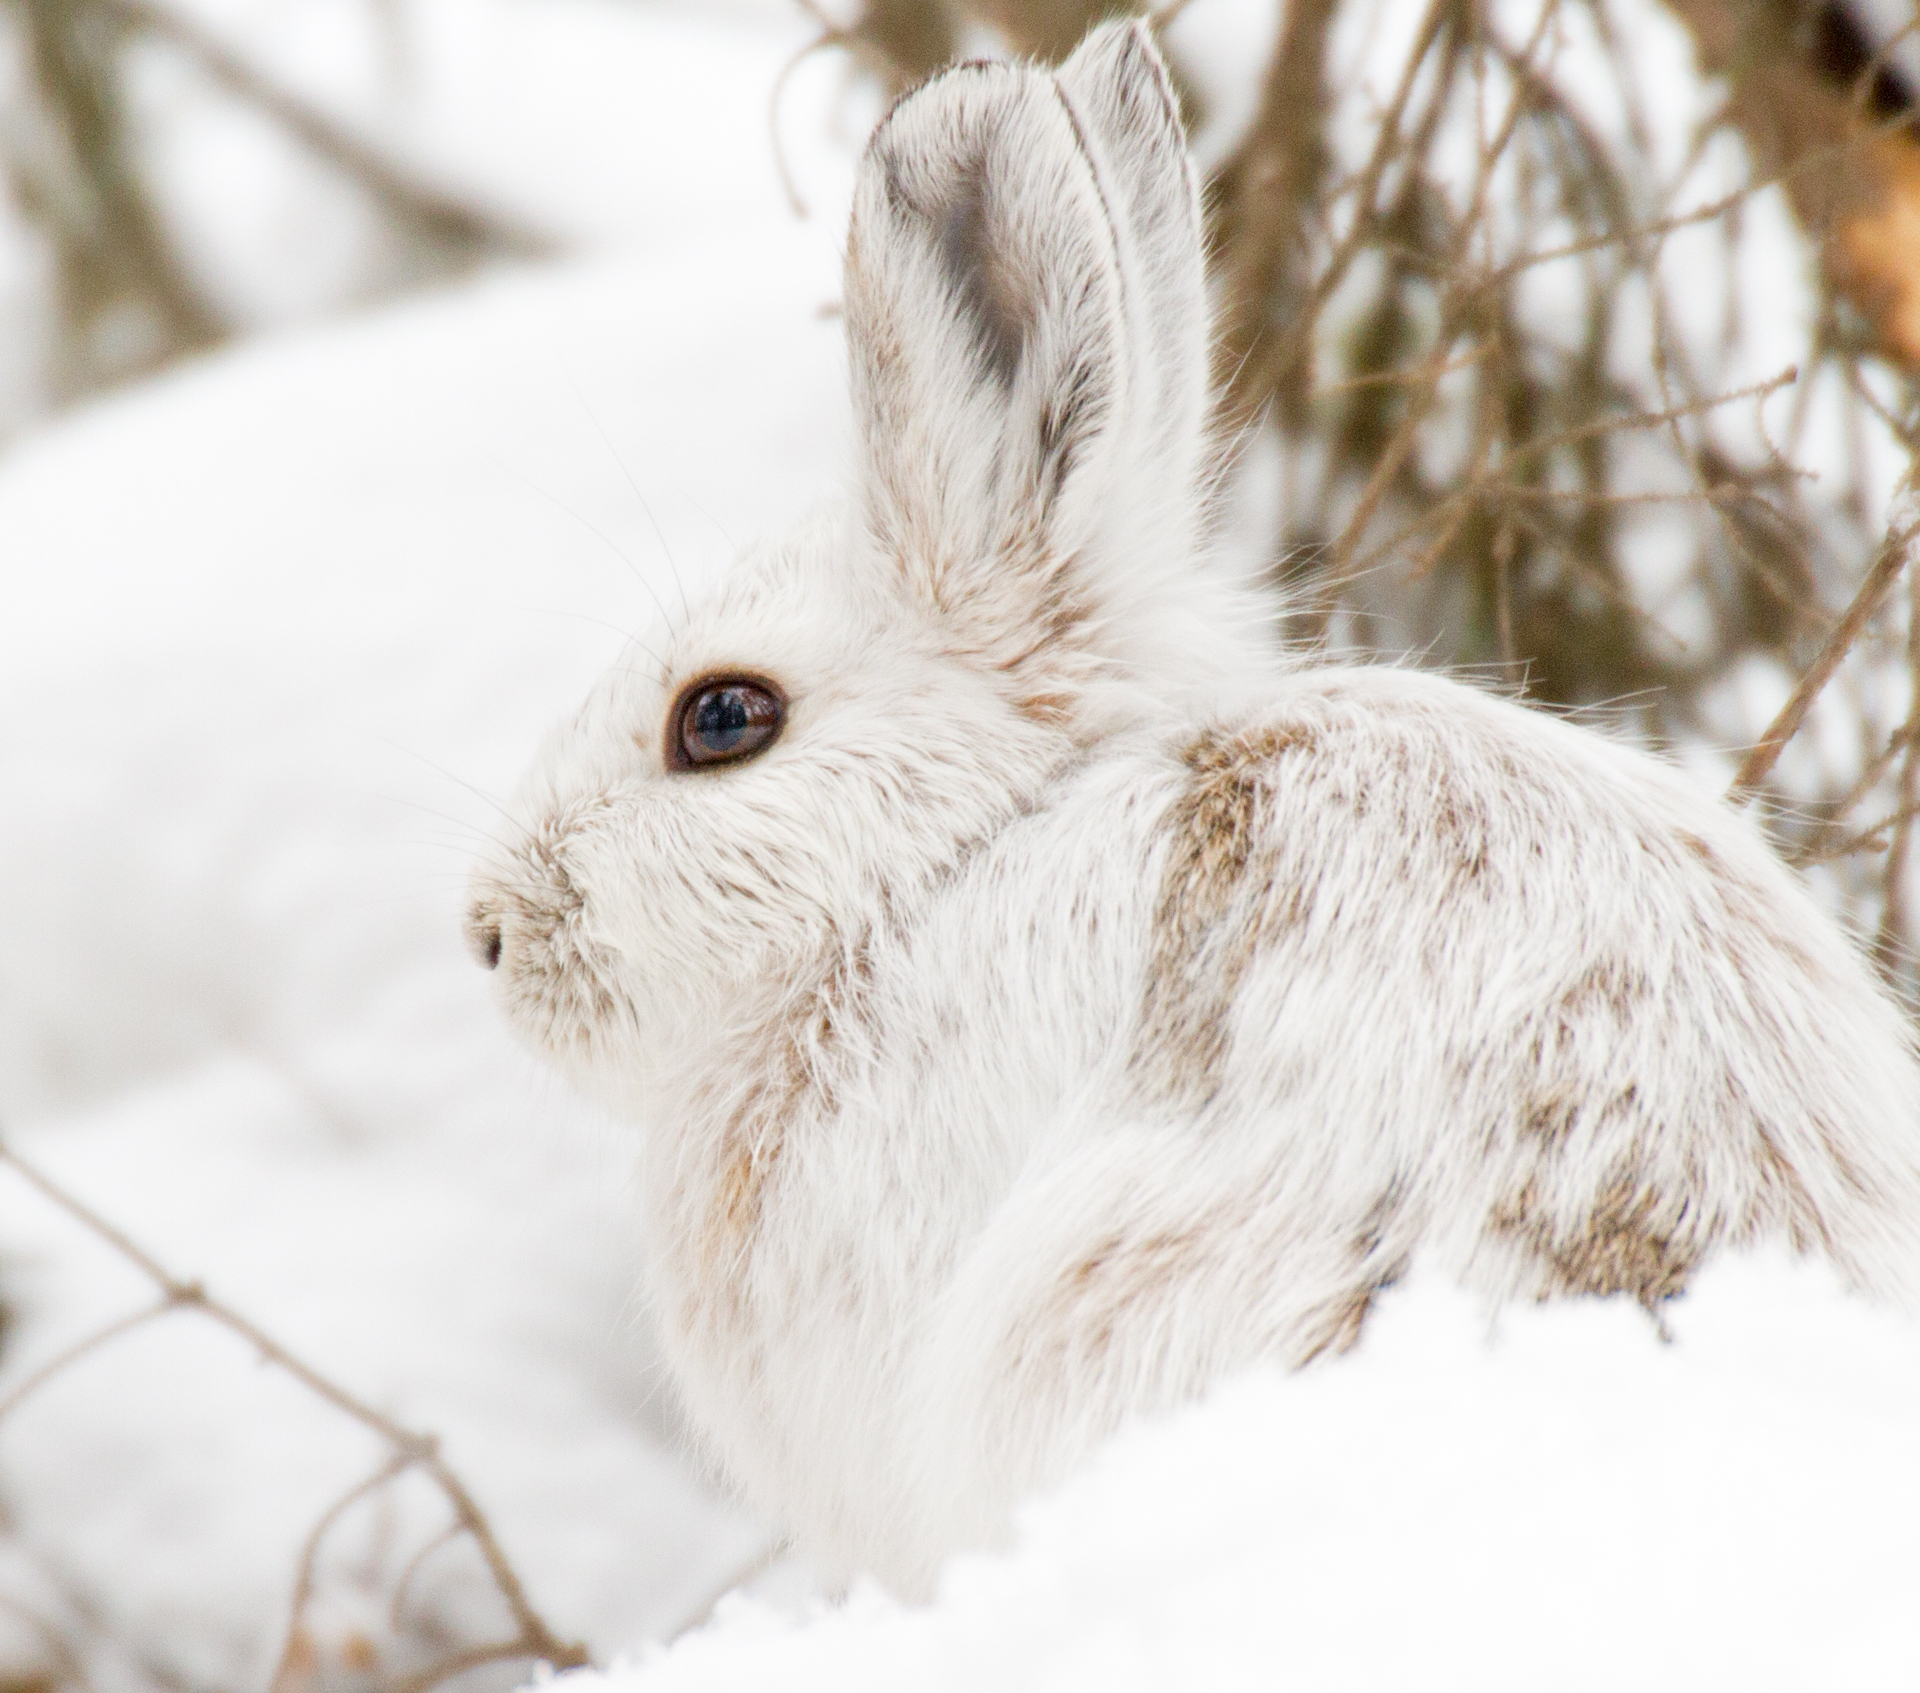 Snowshoe Hare Warren Nelson Memorial Bog Sax-Zim Bog MN IMG_0821